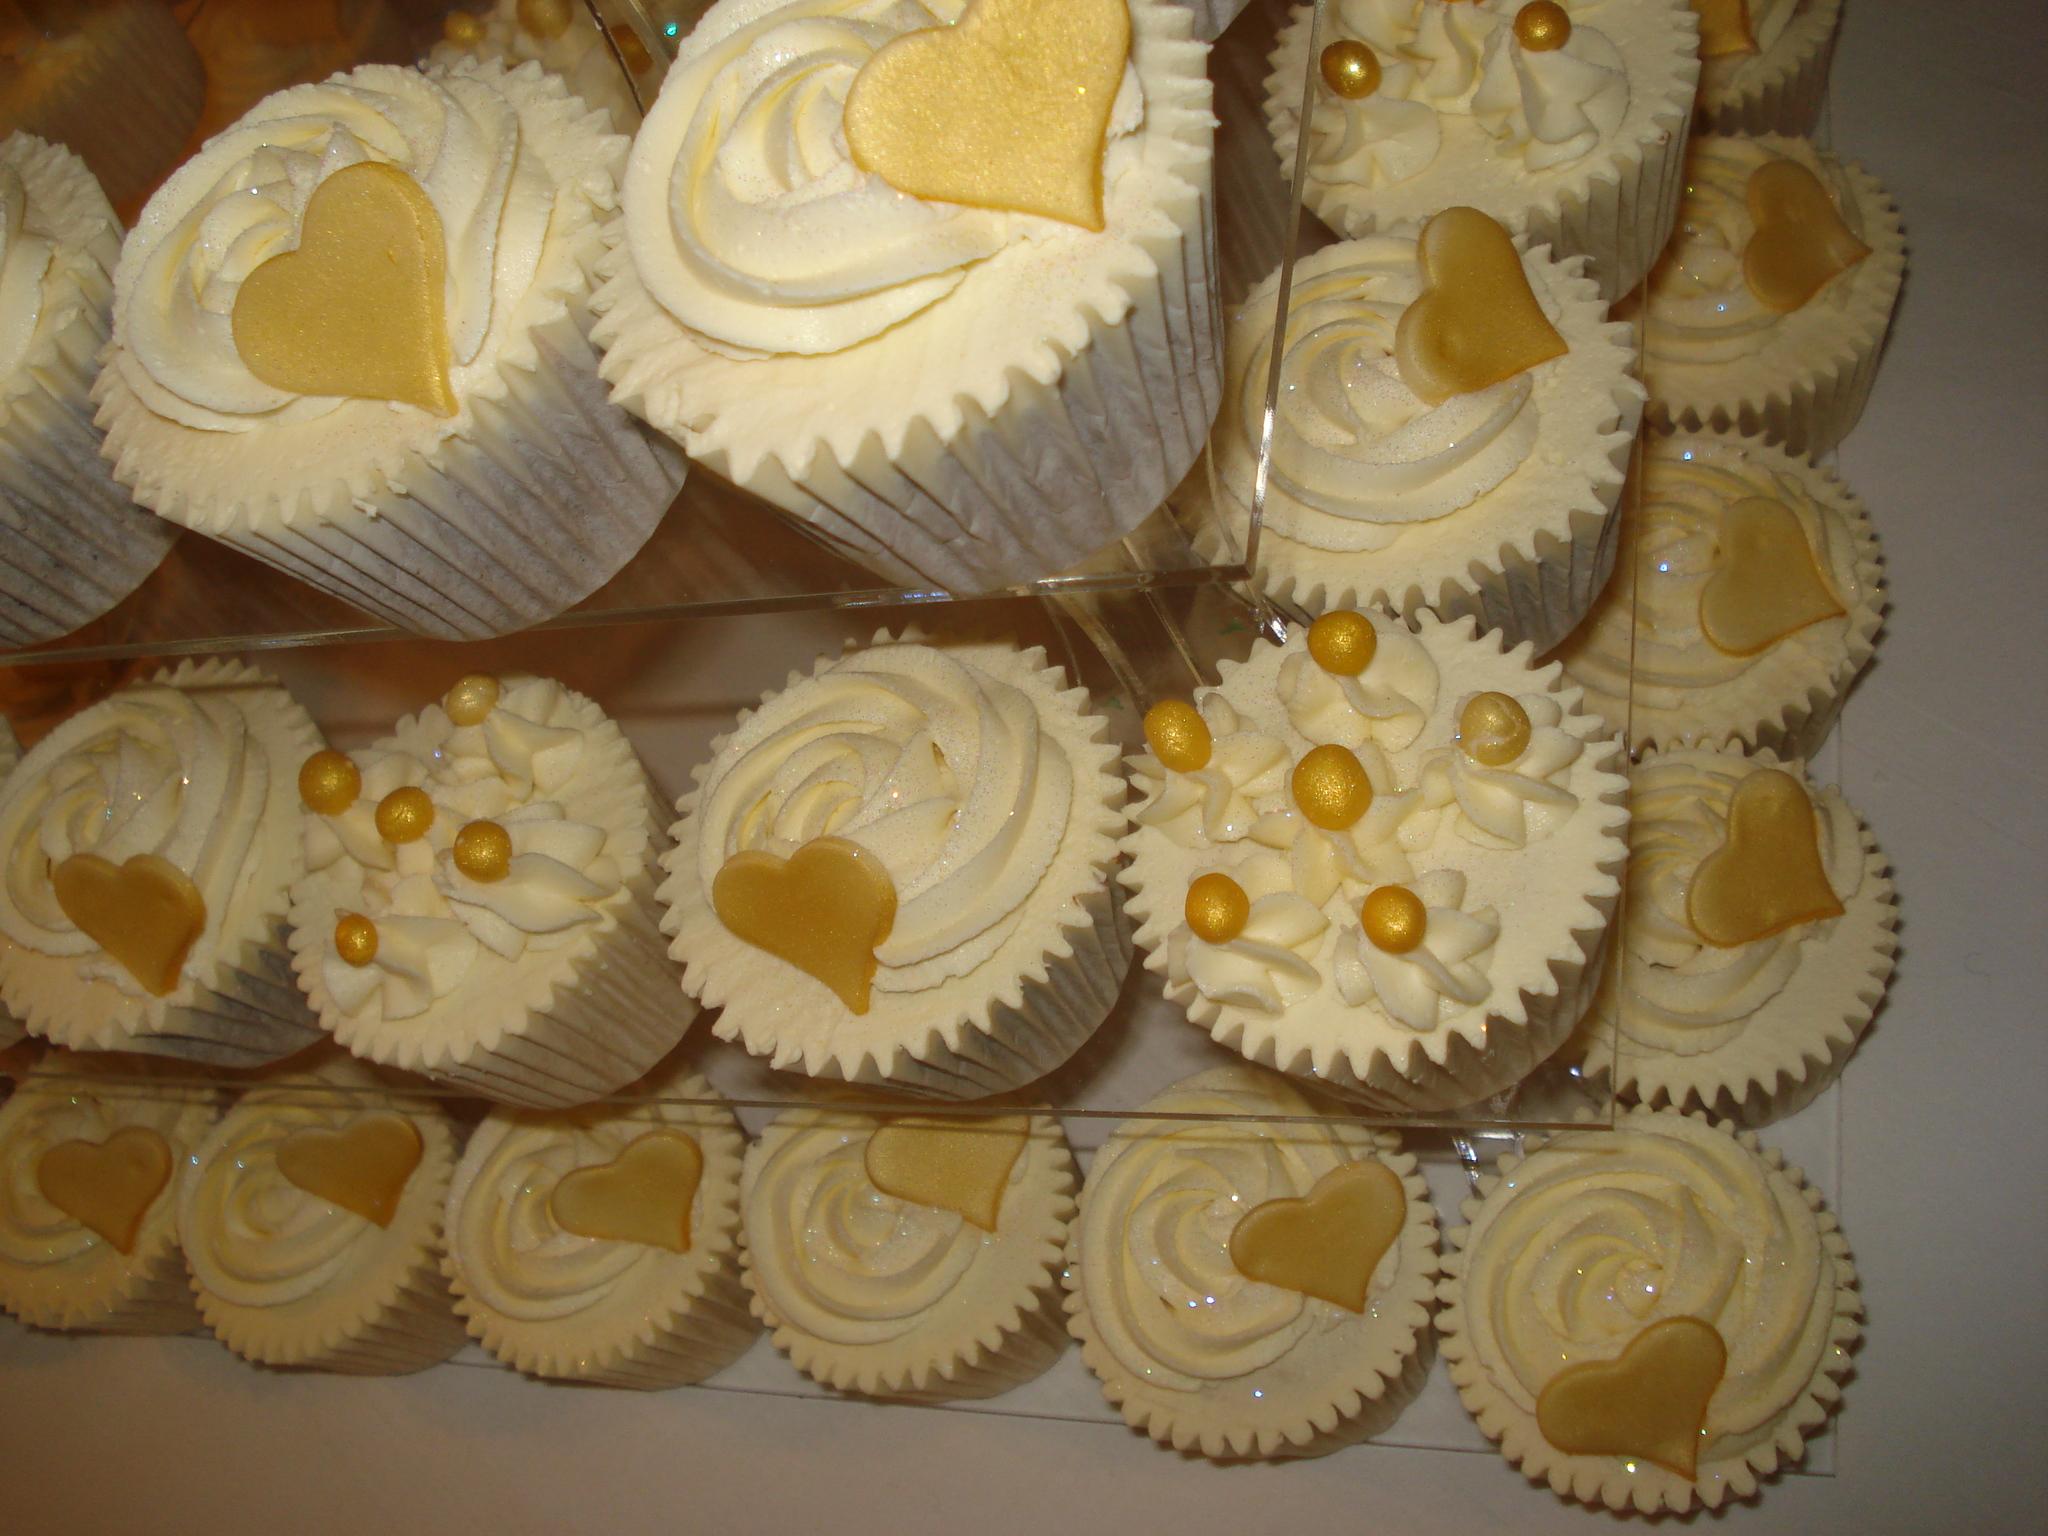 weddings  weddings and more weddings  u2013 cakes by lizzie